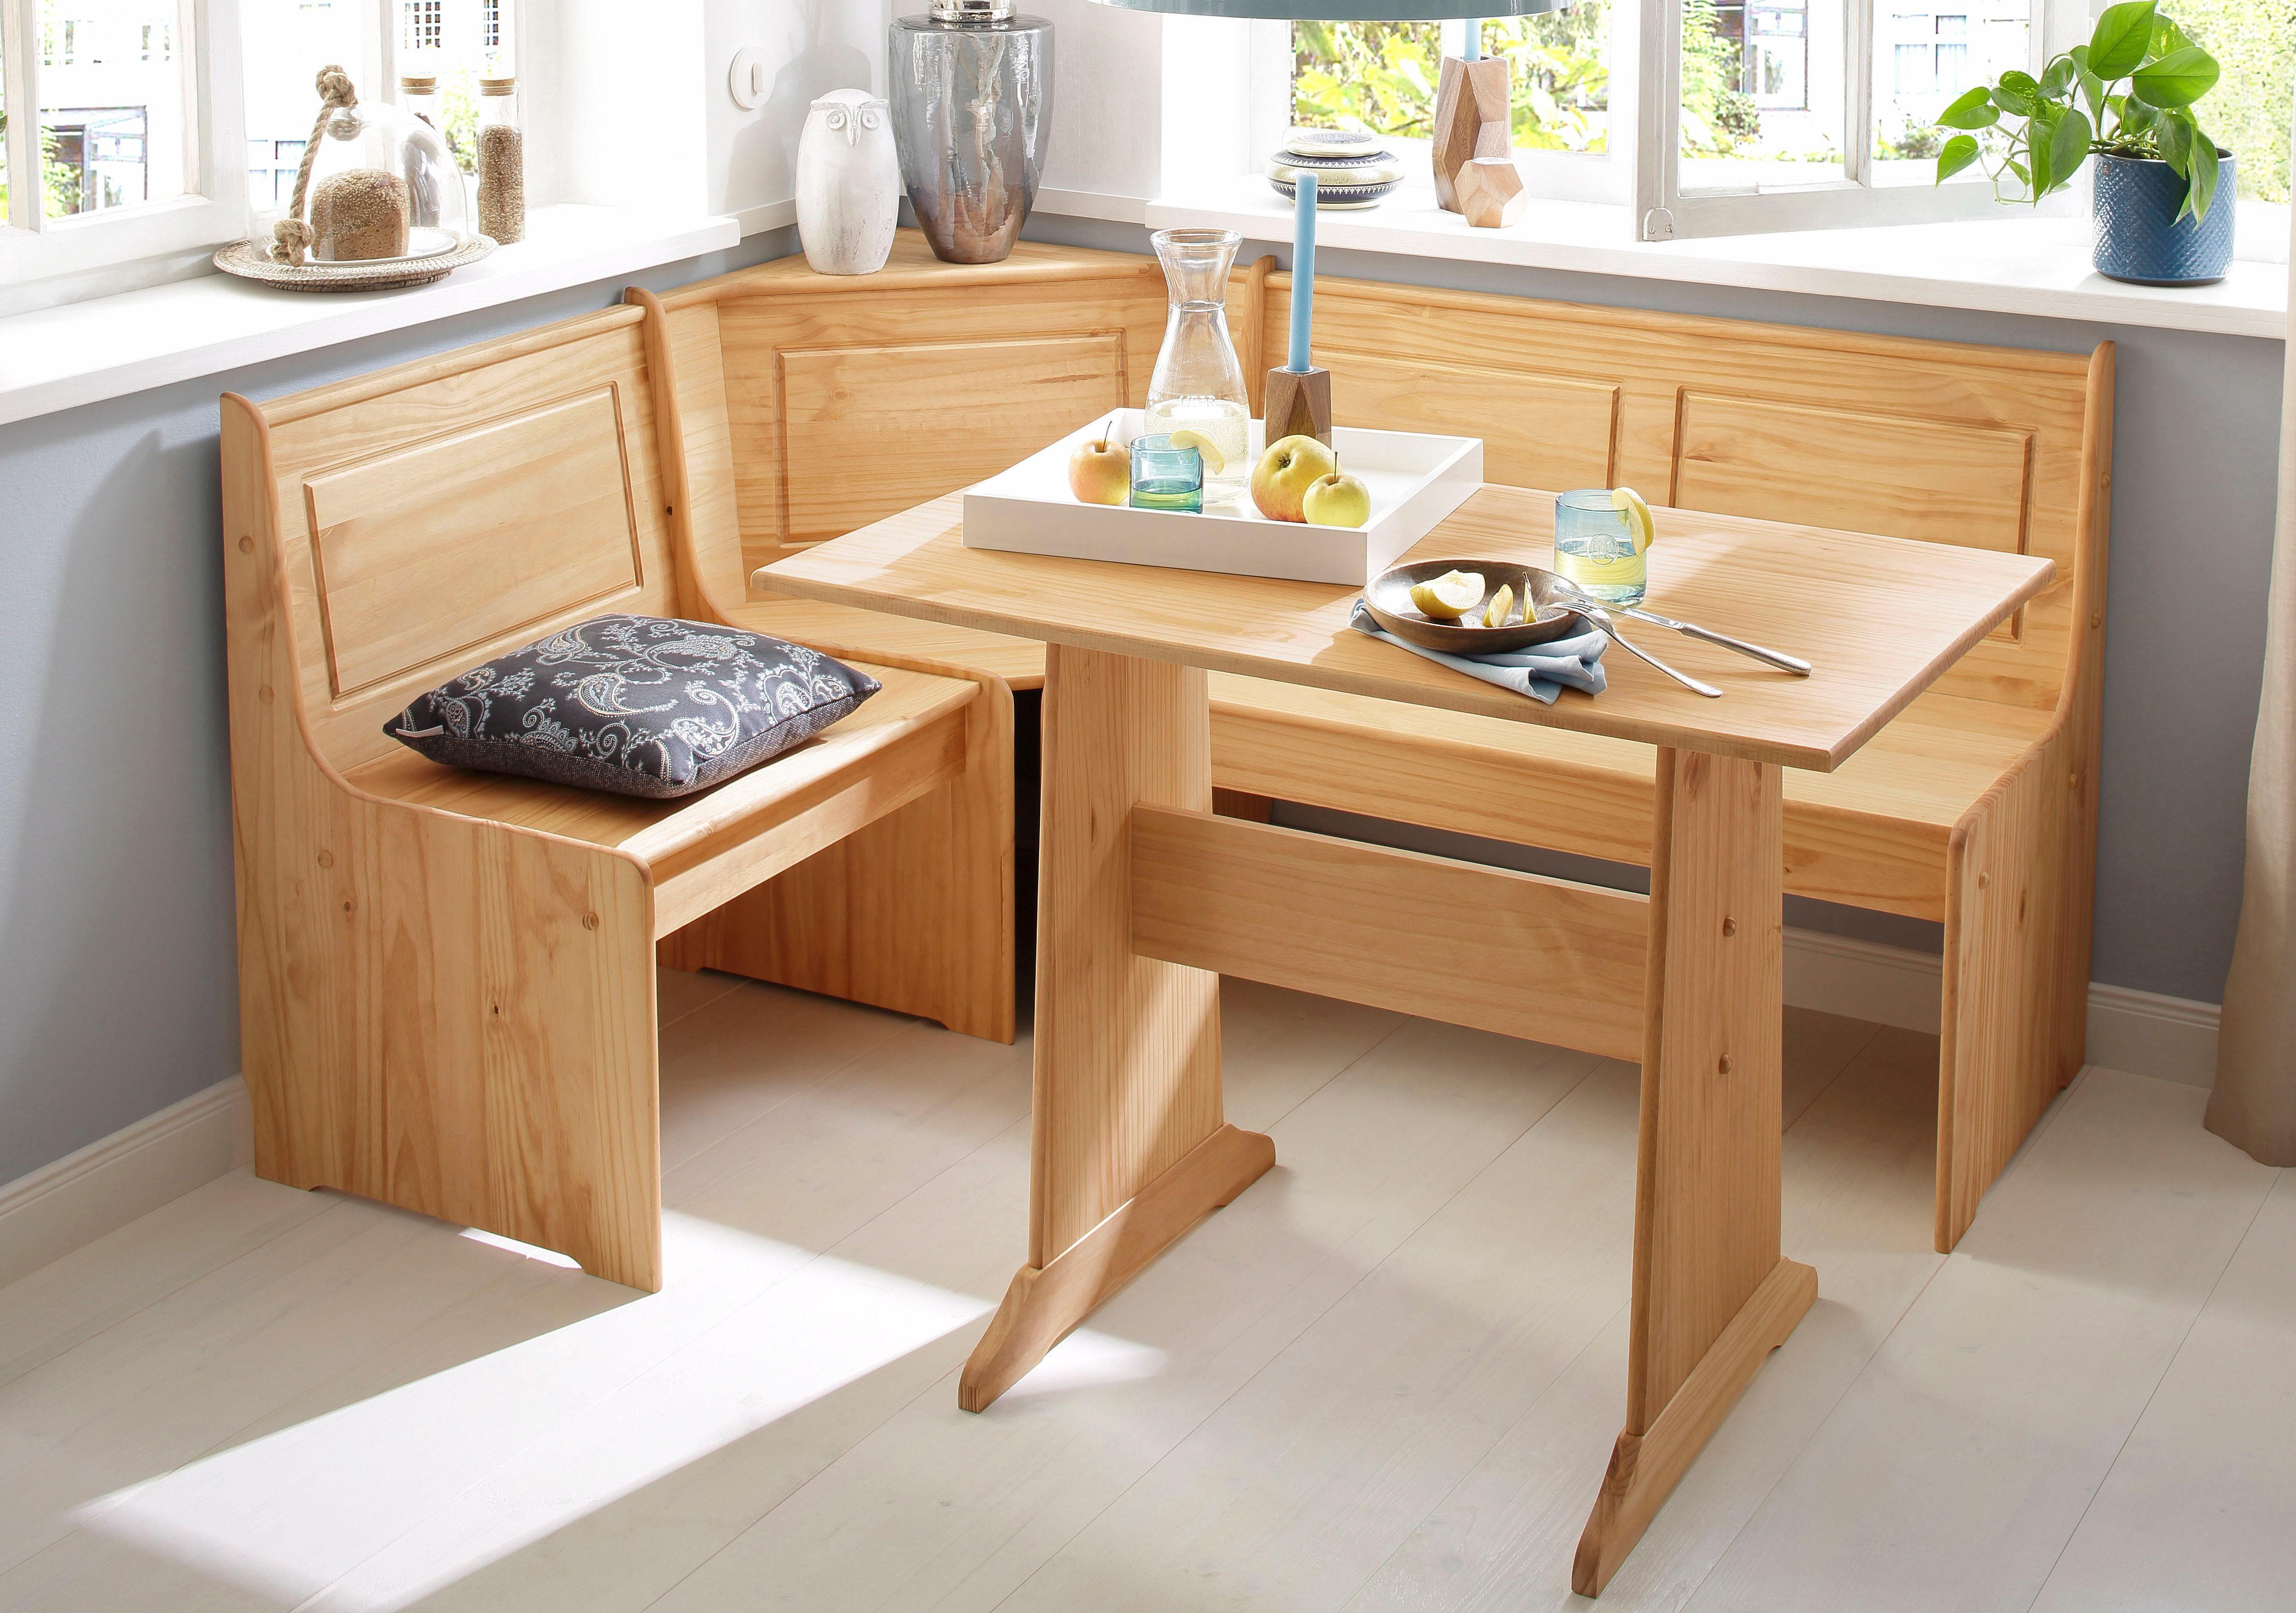 Home affaire Essgruppe »Sascha«, mit Tisch und Truhen Eckbank online kaufen | OTTO